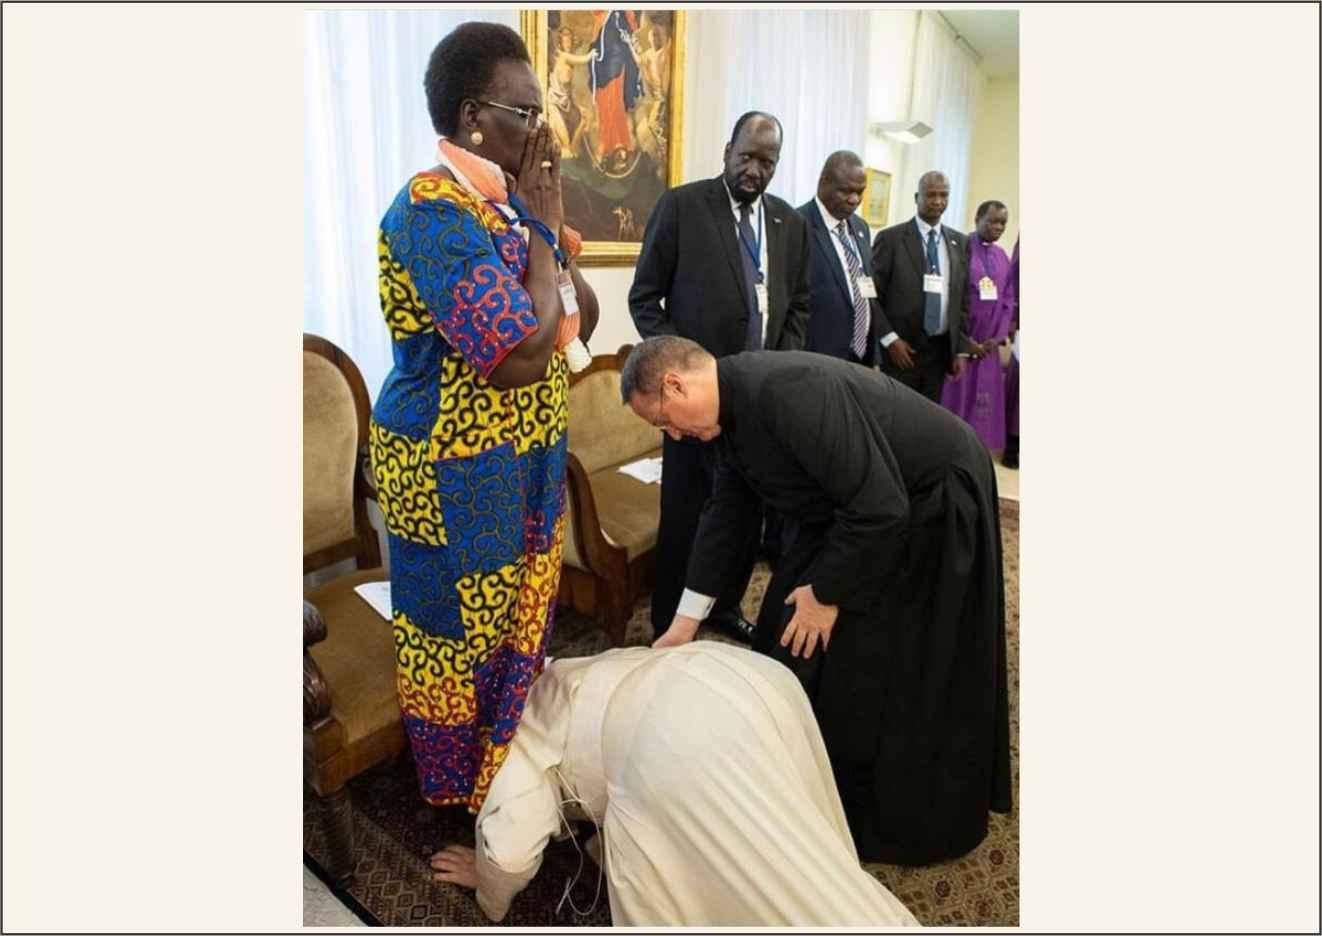 O Papa beija os pés dos líderes do Sudão do Sul pela paz